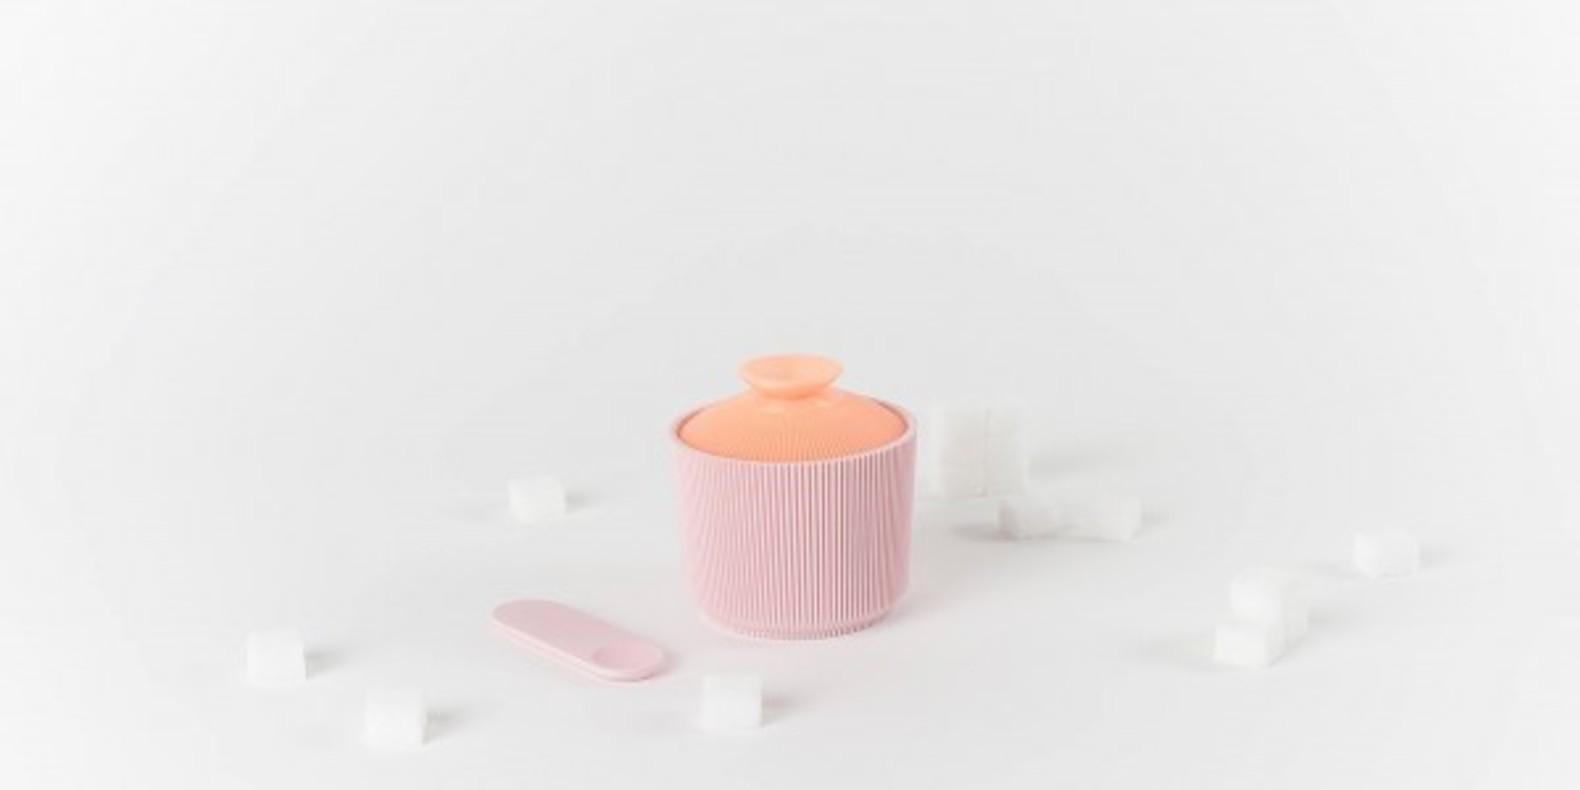 Un superbe sucrier à imprimer en 3D